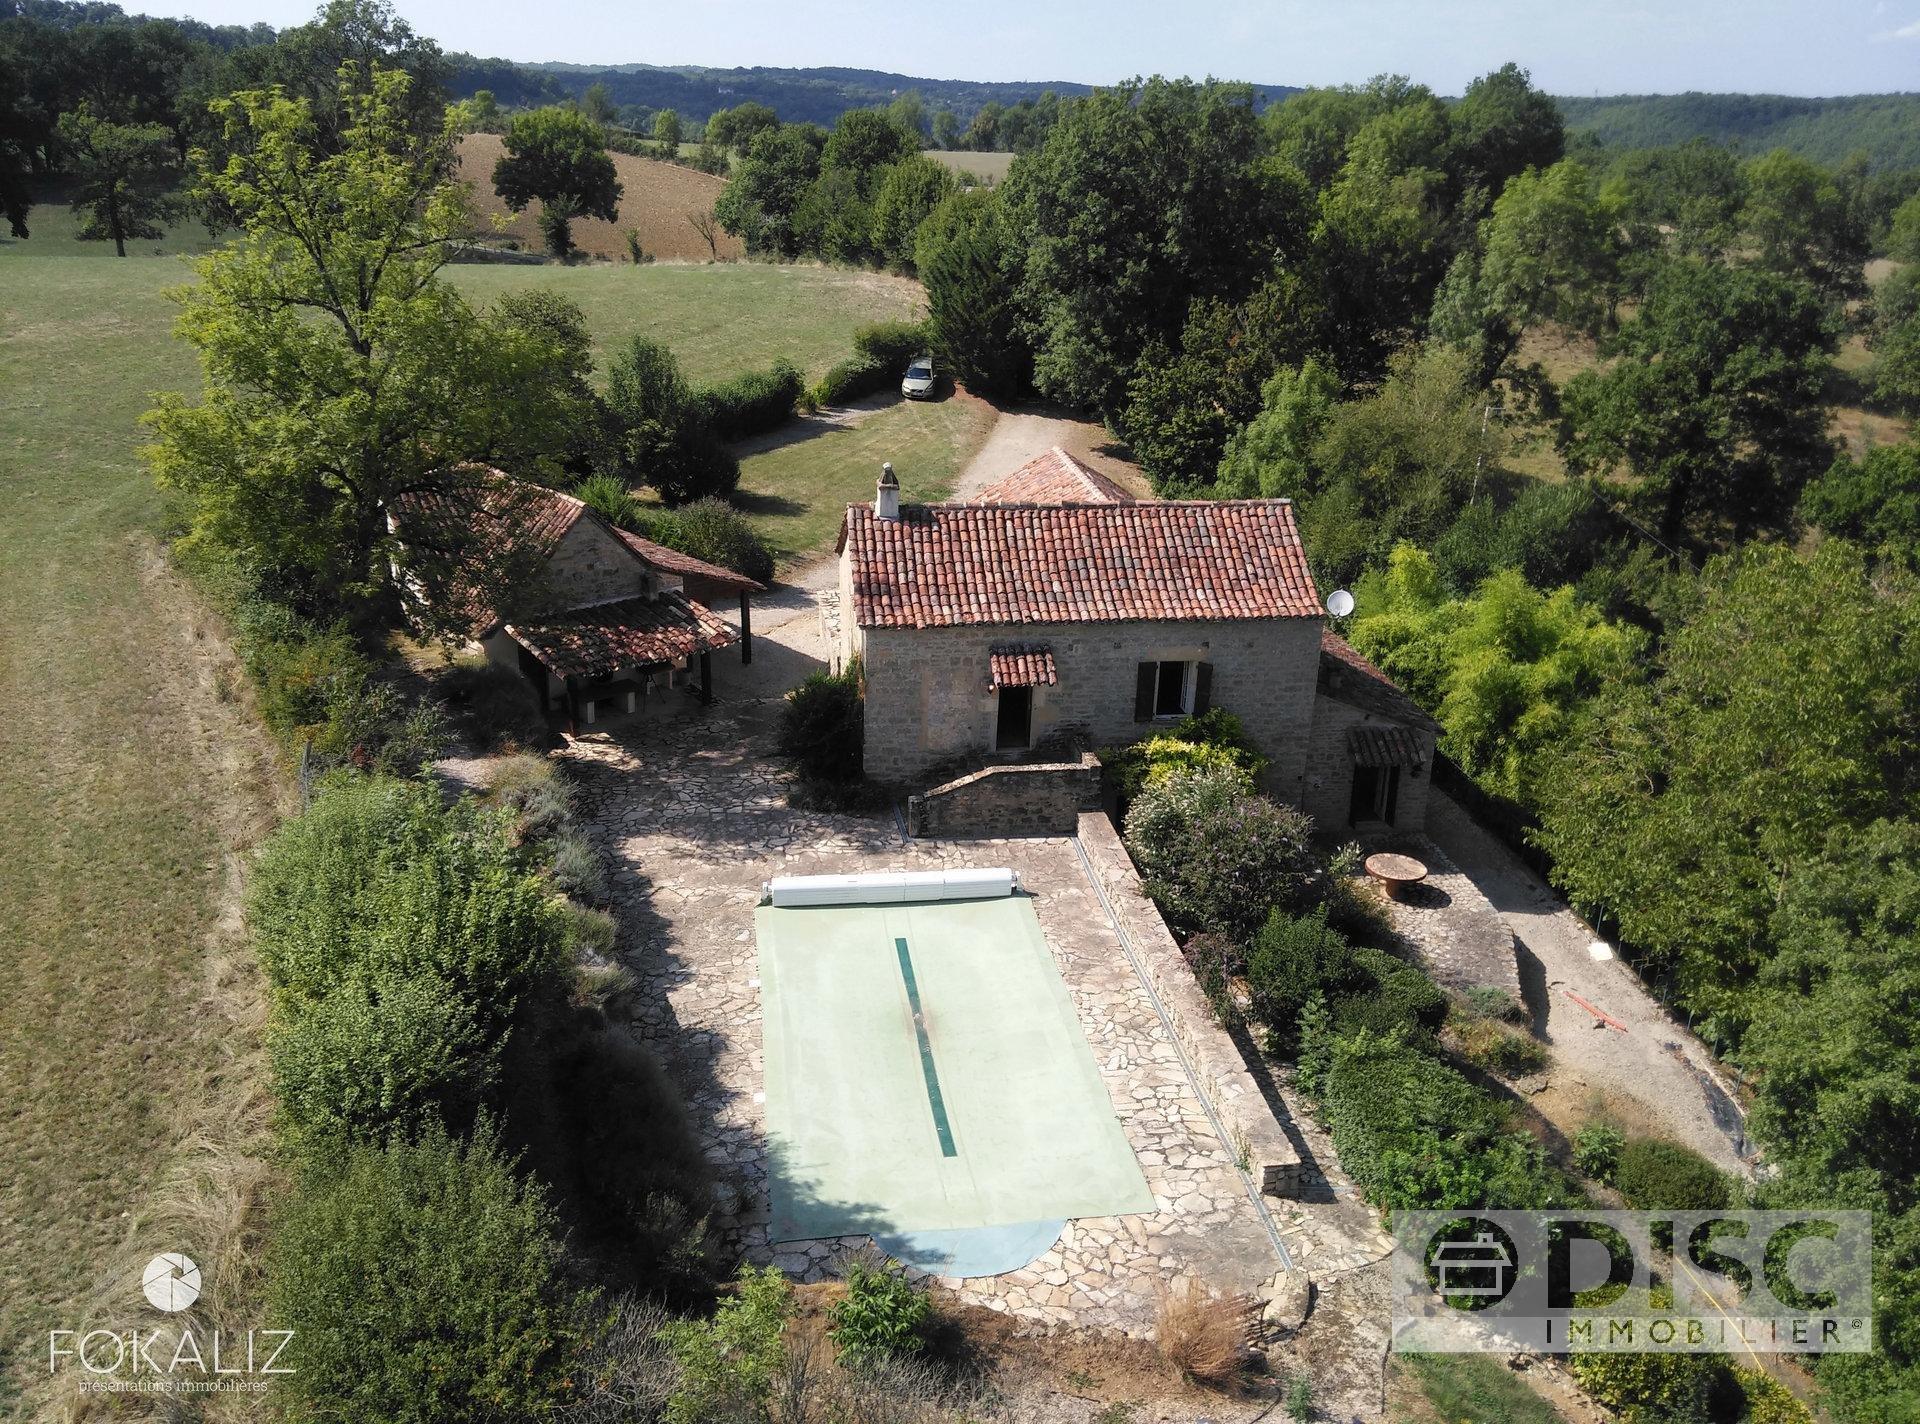 Natuurstenen  huis met zwembad en dubbele garage: buitenkansje!!!!